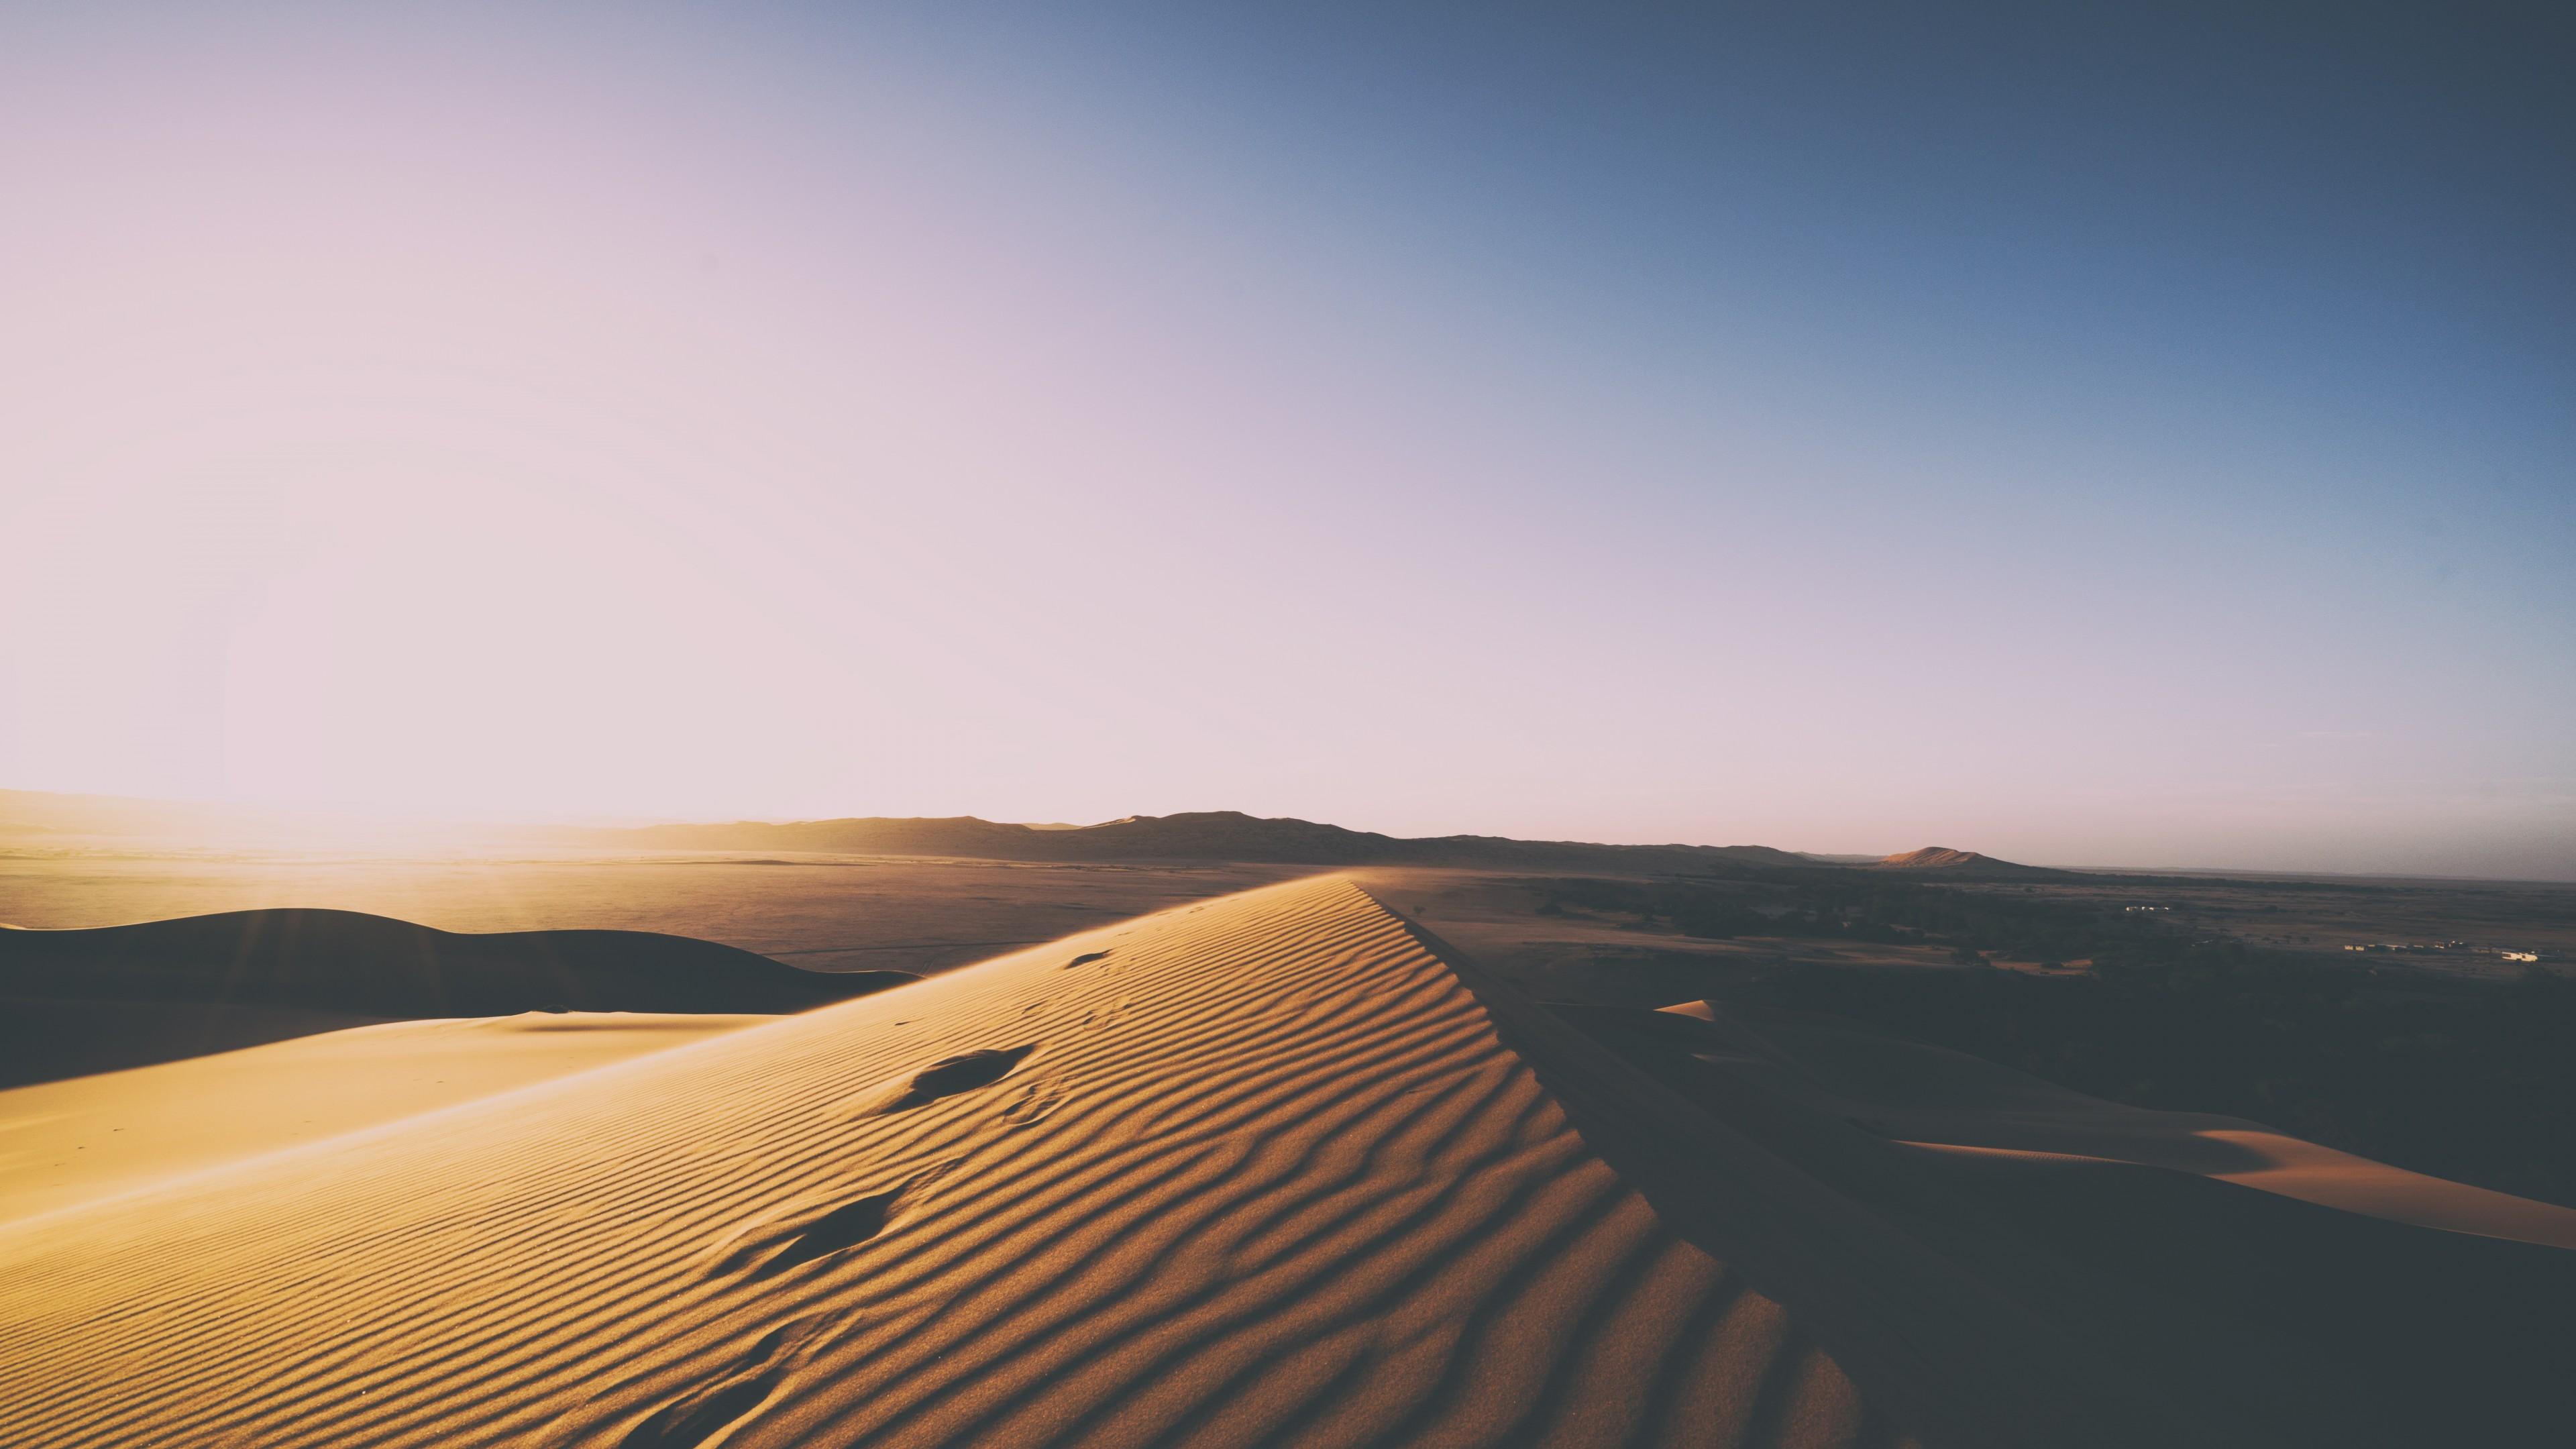 Узорные рельефные дюны в золотых отблесках солнца